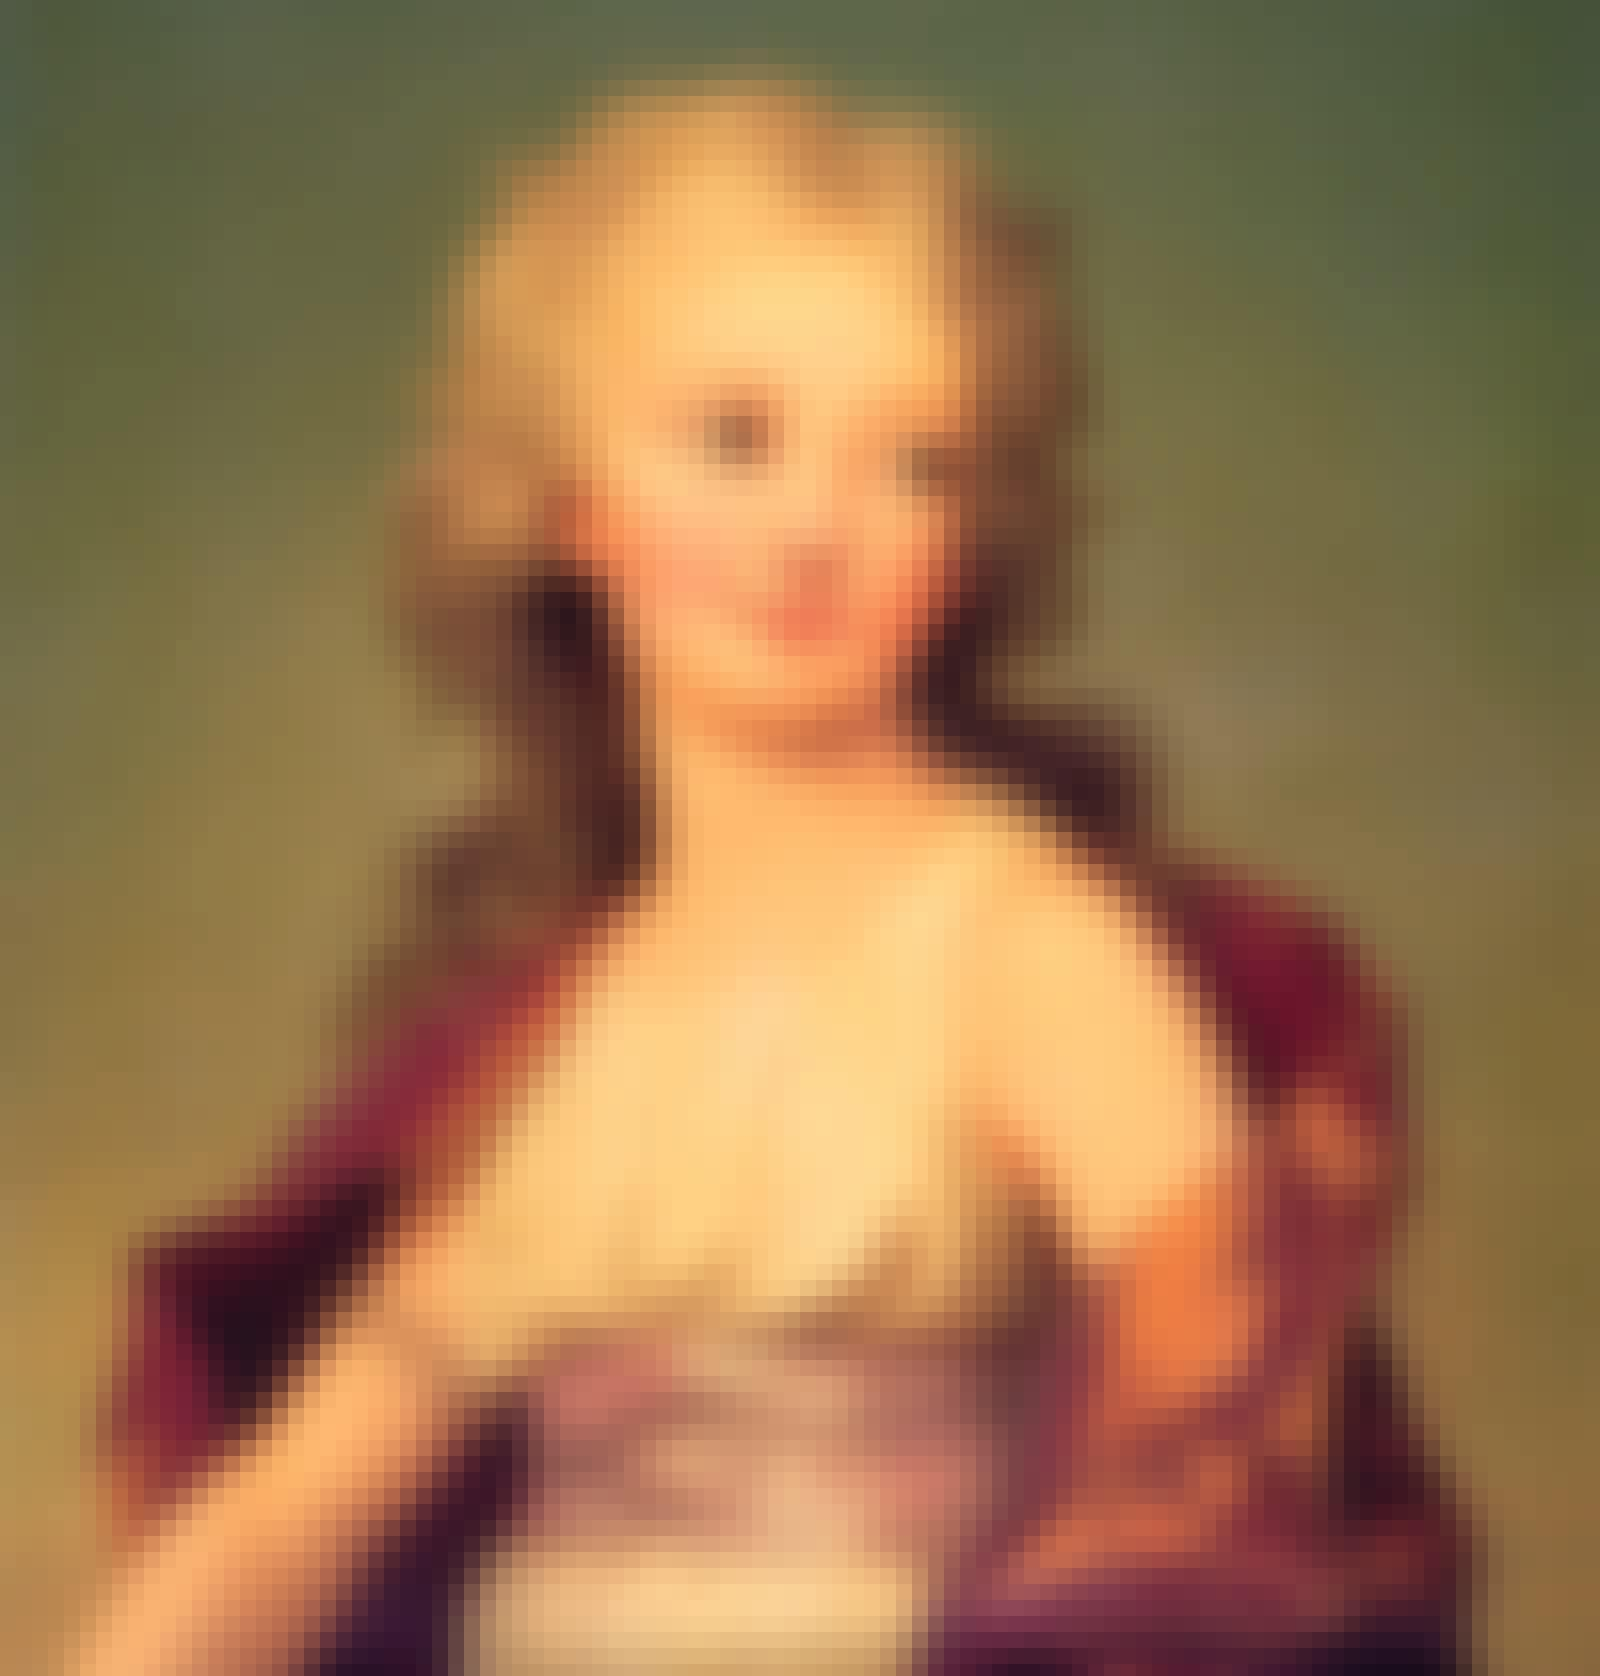 Marie-Thérèse, de dochter van Marie-Antoinette